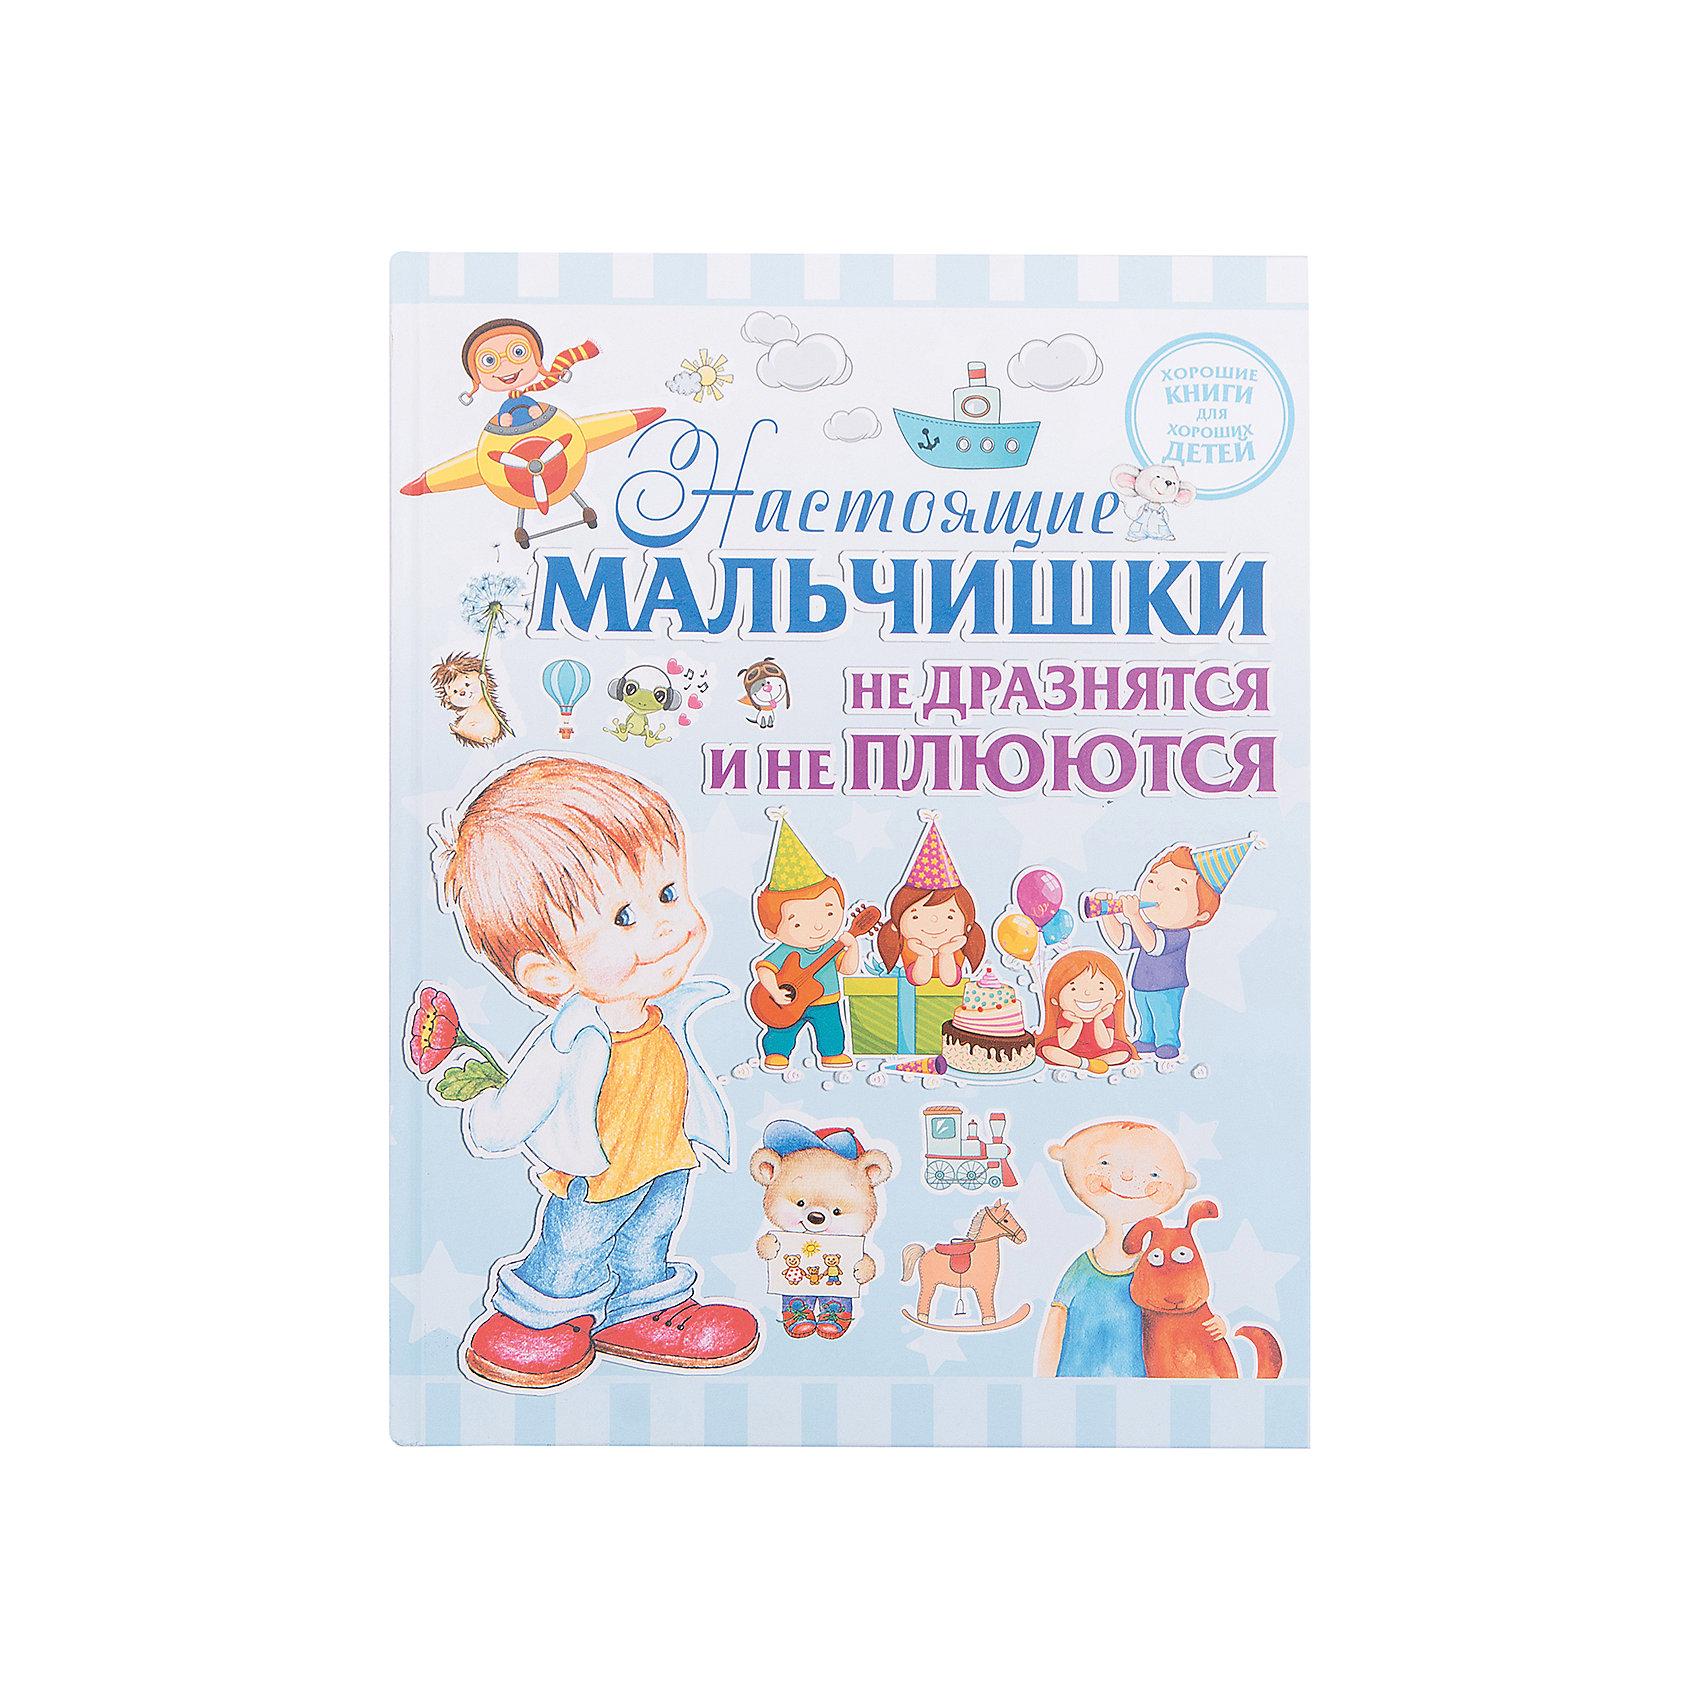 Настоящие мальчишки не дразнятся и не плюютсяИздательство АСТ<br>Характеристики товара:<br><br>• ISBN:9785170962587;<br>• возраст: от 7 лет;<br>• иллюстрации: цветные;<br>• обложка: твердая;<br>• бумага: офсет;<br>• количество страниц: 160;<br>• формат: 21х16х1 см.;<br>• вес: 685 гр.;<br>• автор: Доманская Л.В.;<br>• издательство:  АСТ;<br>• страна: Россия.<br><br>«Настоящие мальчишки не дразнятся и не плюются» - это научно-популярное издание, написанное простым и понятным языком, поможет привить вашему мальчику  хорошие манеры и правила поведения, разбудит в нём доброту и отзывчивость, а множество примеров, привидённых на страницах книги , воспитает настотоящий мужской характер. <br><br>Сравнительные ситуации поведения — дома, в гостях, на улице, со сверстниками и со старшими — помогут вашему малышу самому сделать вывод, что такое хорошо, а что такое плохо. А тексты, написанные тепло и доступно, вместе с великолепными иллюстрациями, заинтересуют любого, даже самого непоседливого ребёнка.<br><br>Отличный выбор как для подарка, так и для собственного использования, с целью обогащения кругозора.<br><br>«Настоящие мальчишки не дразнятся и не плюются», 160 стр.,  авт. Доманская Л.В., изд. АСТ, можно купить в нашем интернет-магазине.<br><br>Ширина мм: 255<br>Глубина мм: 197<br>Высота мм: 160<br>Вес г: 685<br>Возраст от месяцев: 84<br>Возраст до месяцев: 2147483647<br>Пол: Унисекс<br>Возраст: Детский<br>SKU: 6848371